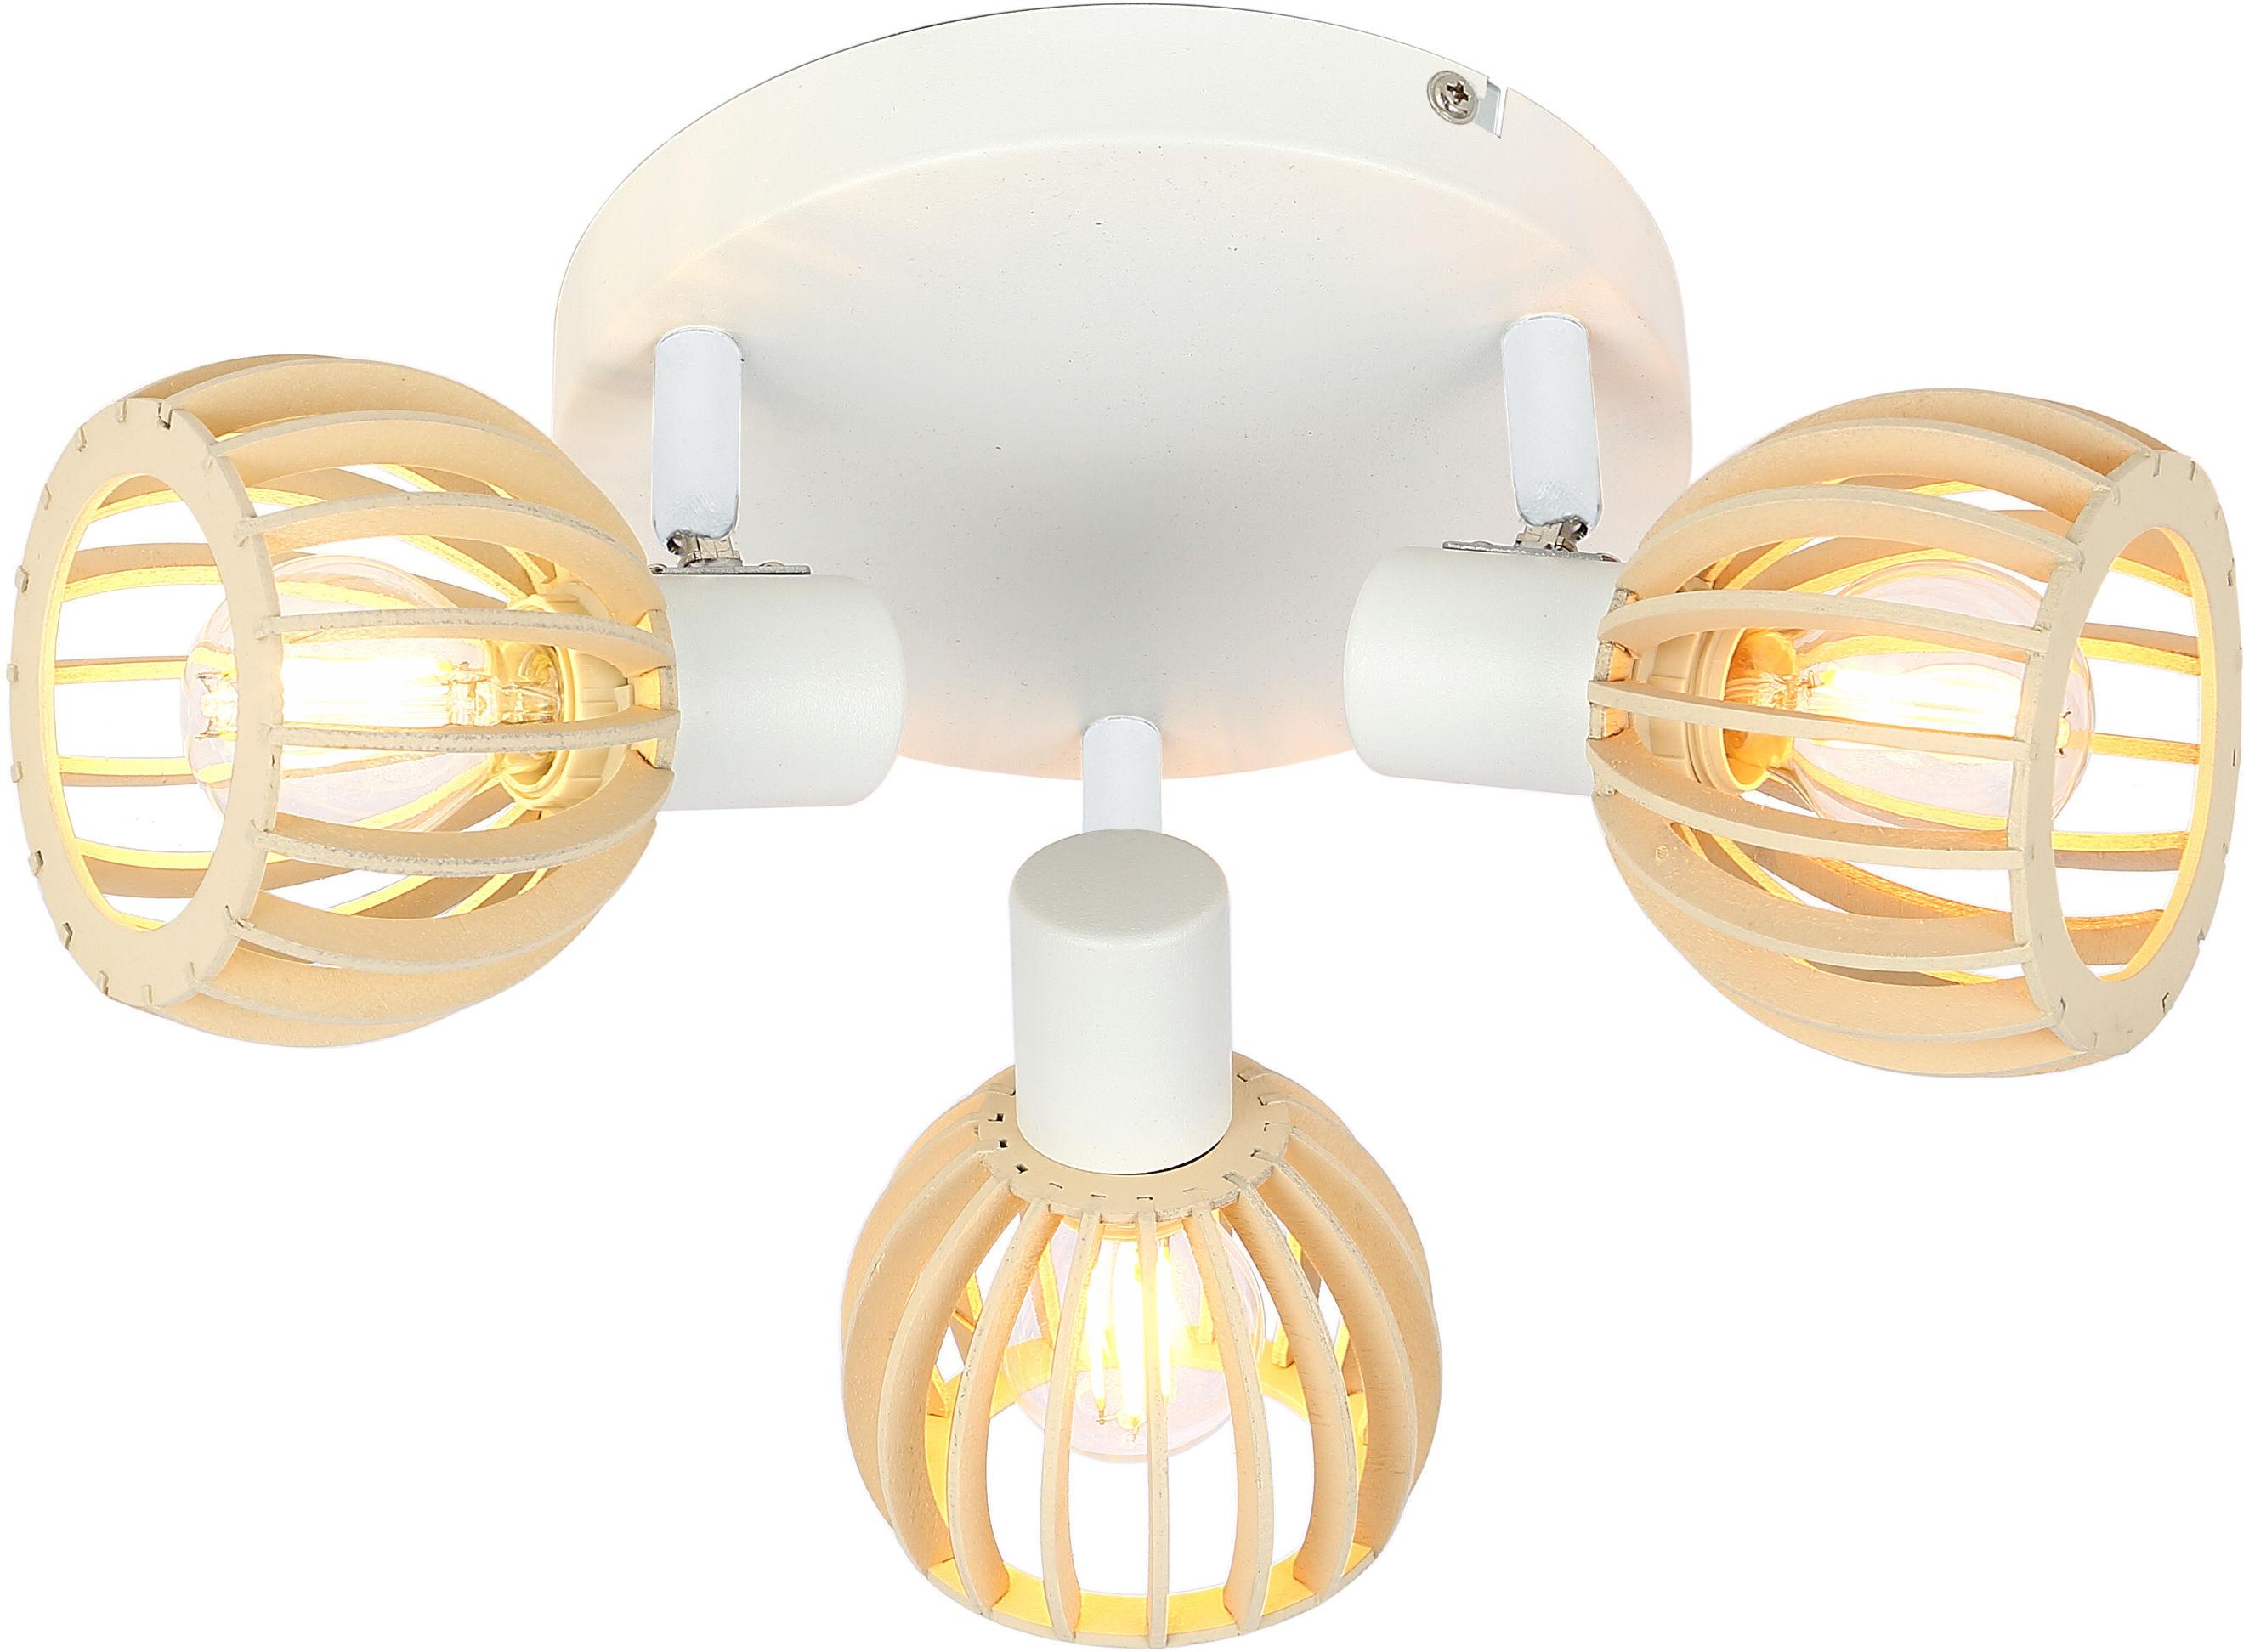 Candellux ATARRI 98-68118 plafon lampa sufitowa biała regulacja klosza 3X25W E14 drewno 35cm